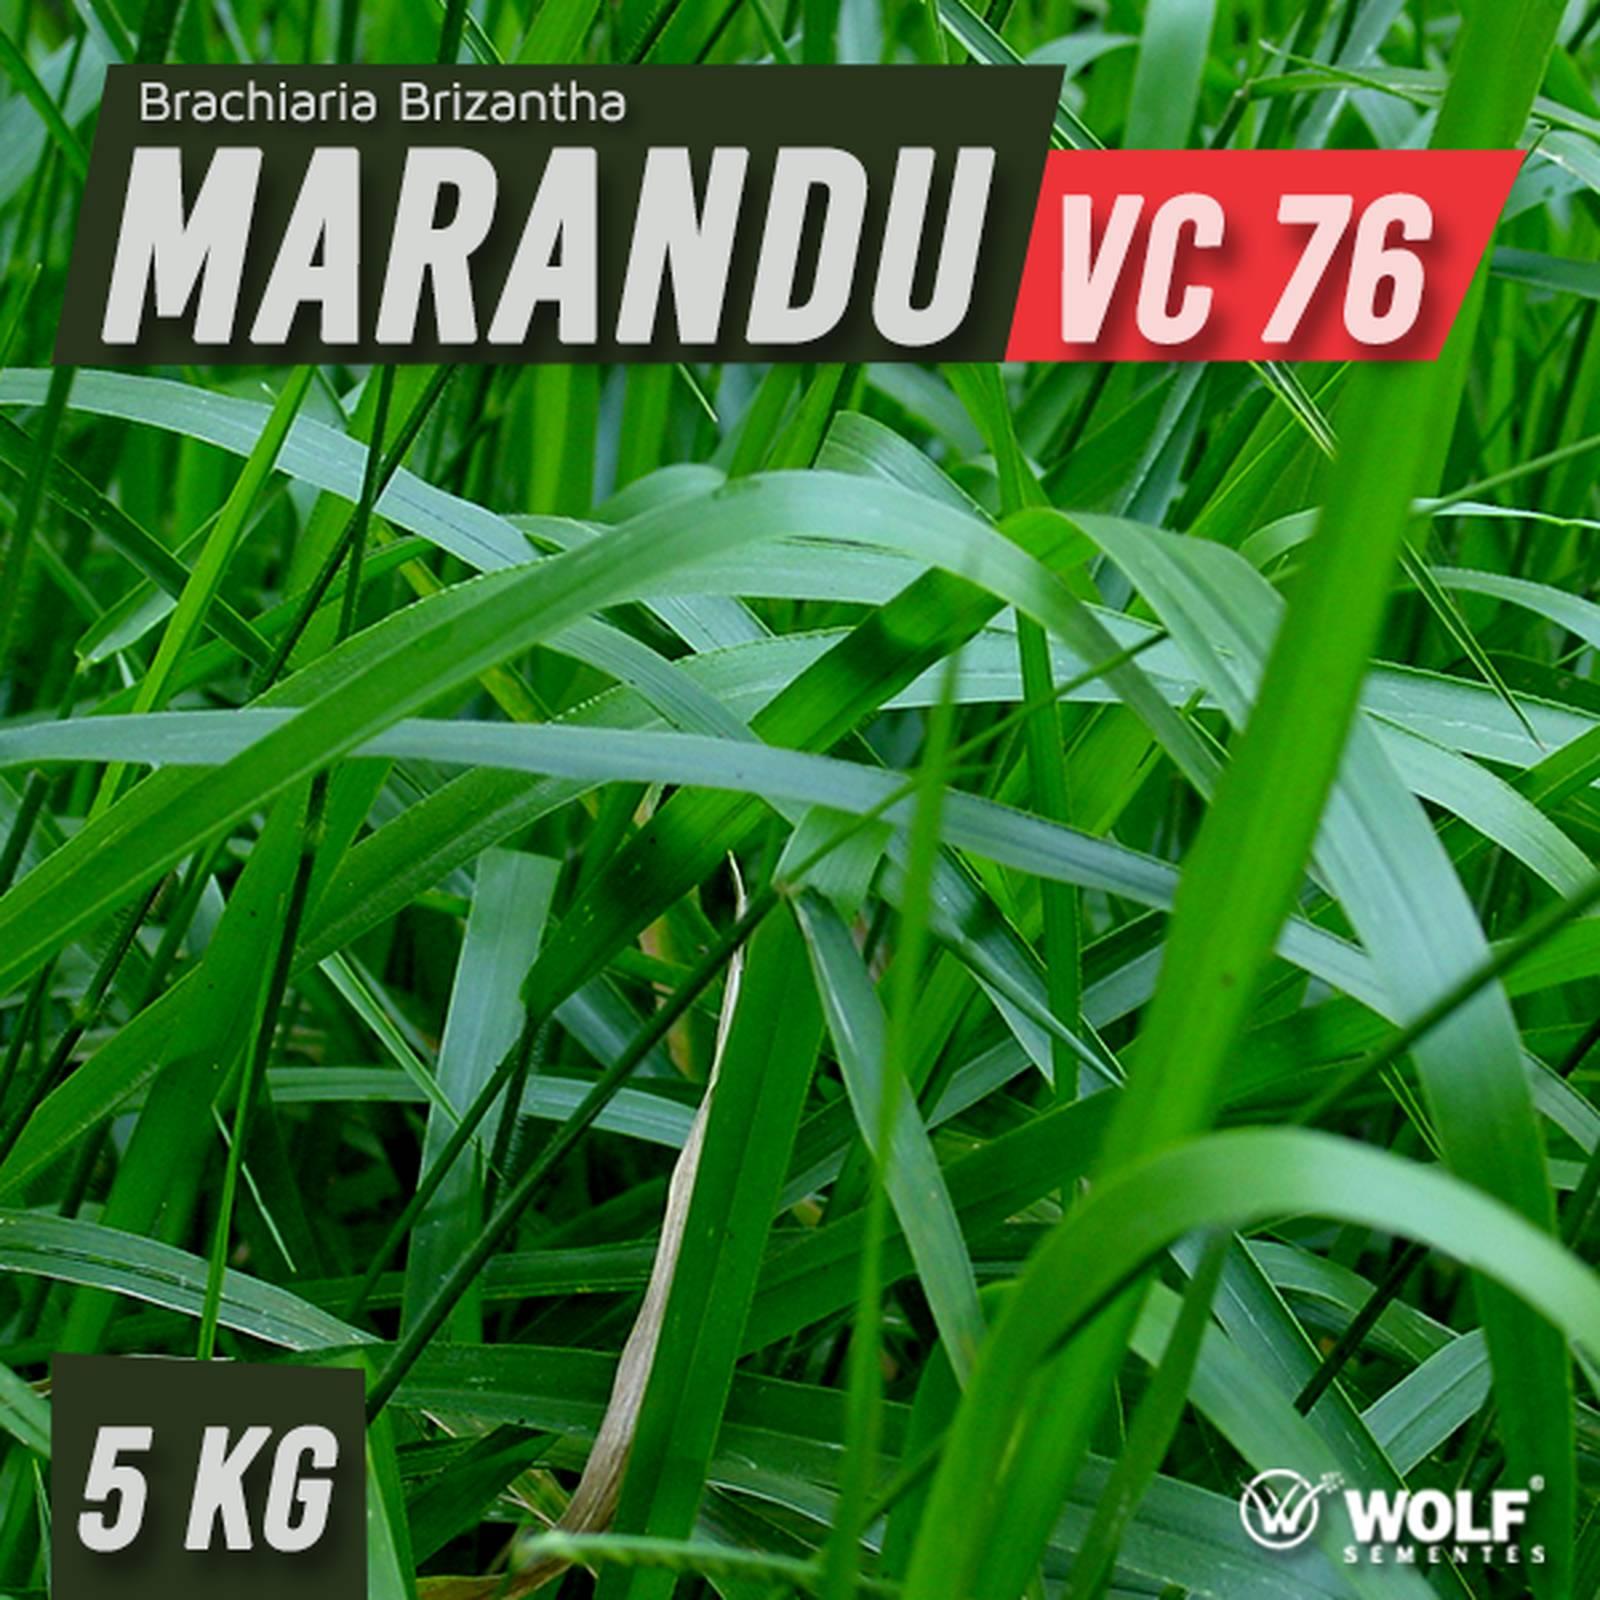 Sementes para Capim MARANDU VC76 (Saco de 5kg)